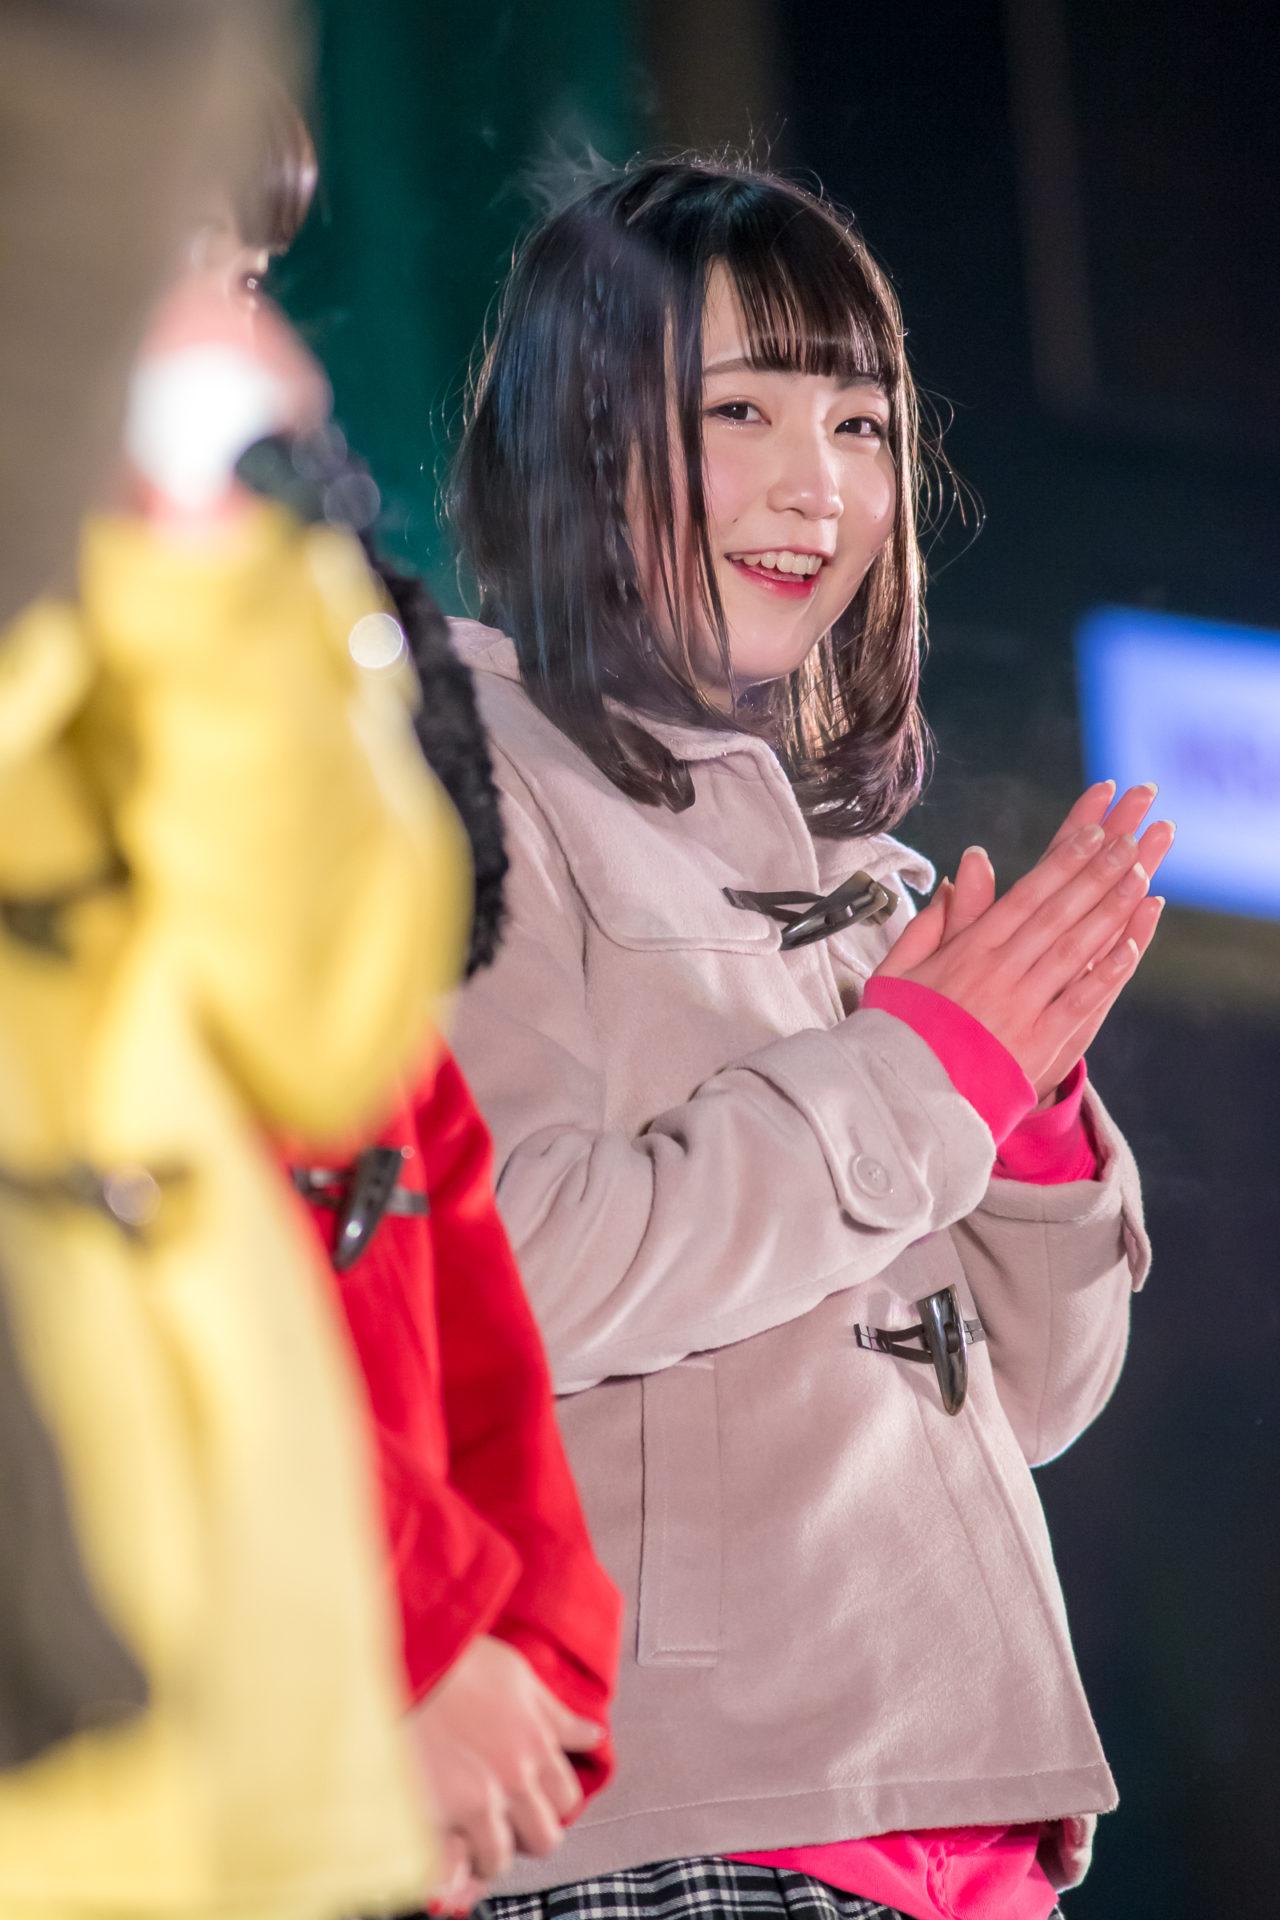 フルーティー♡ きょうか ( 宮崎杏花 ) | 第37回しばれフェスティバル